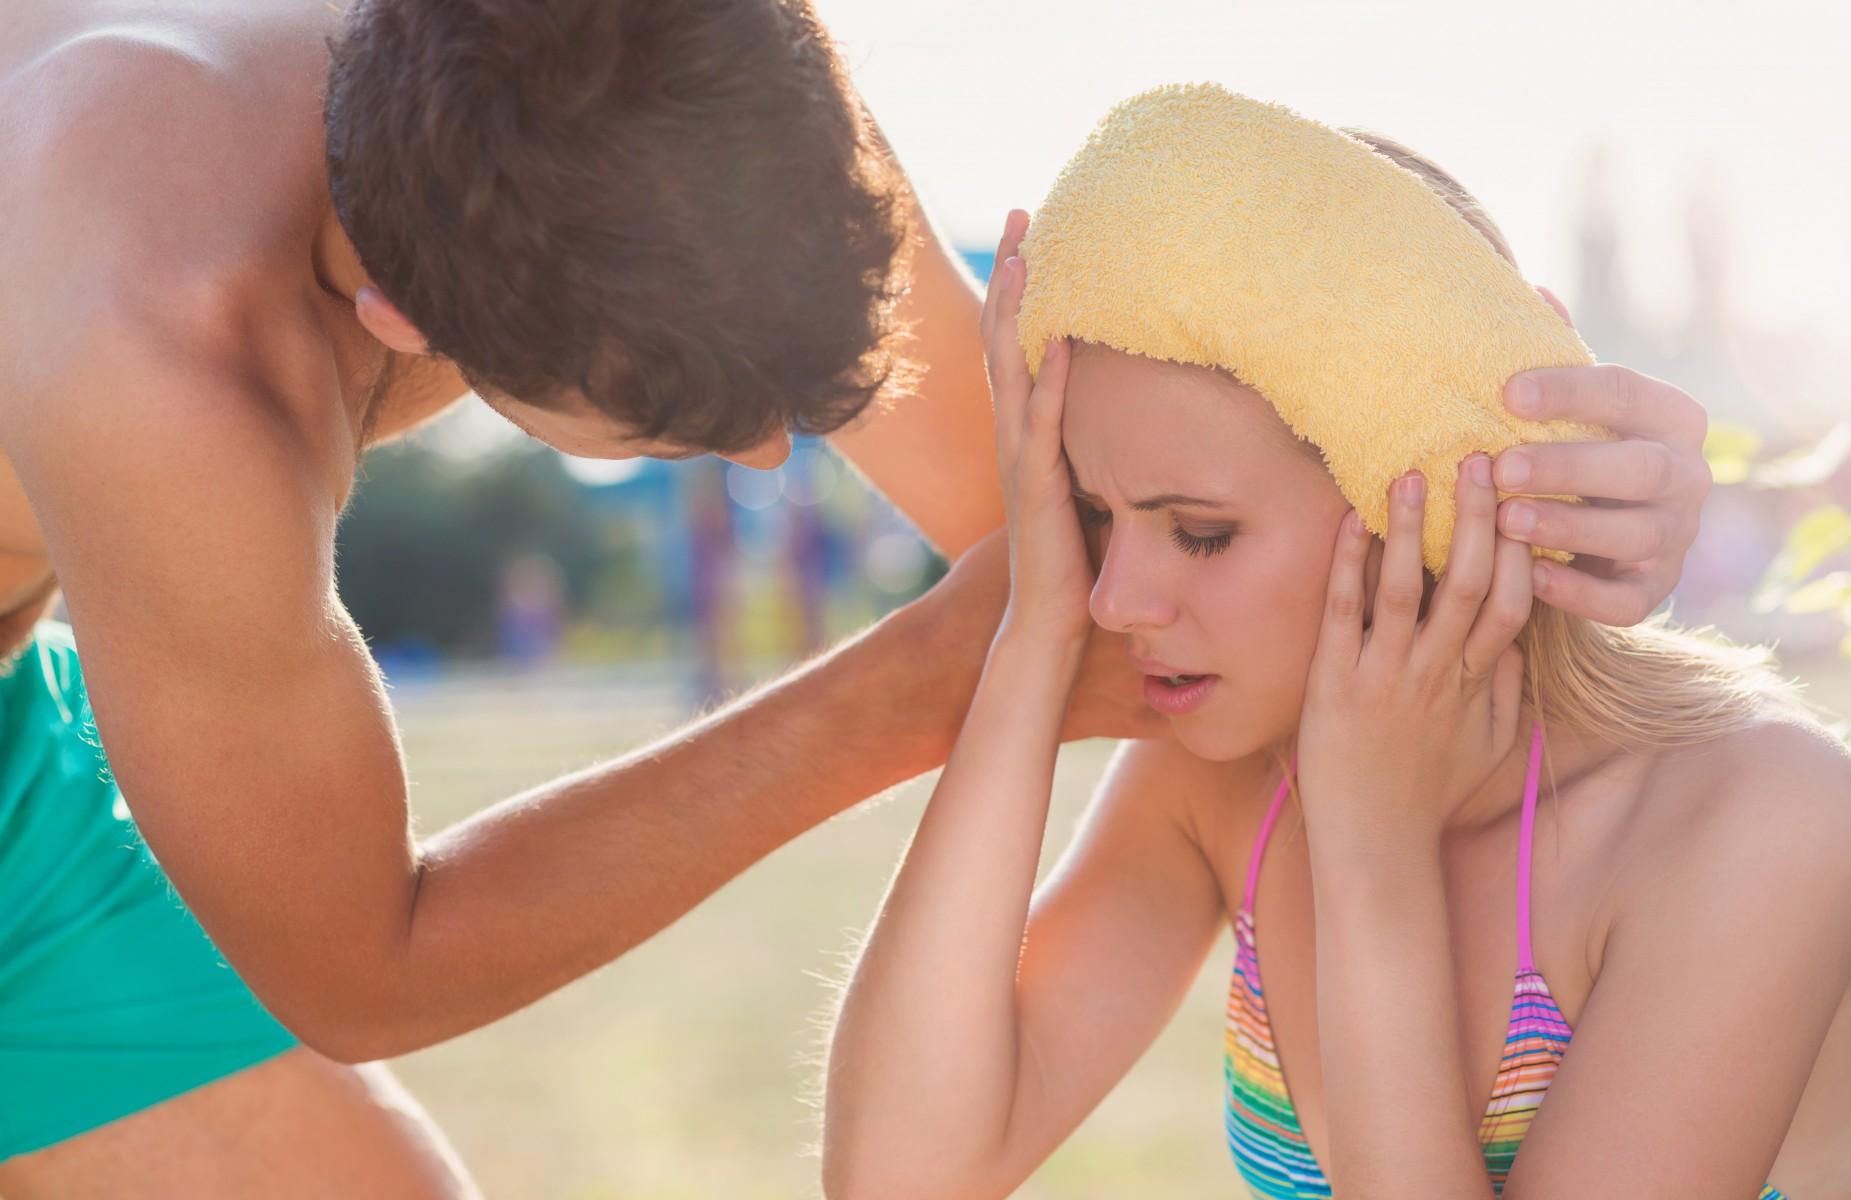 Heat stroke: हीट स्ट्रोक से बचने के लिए क्या करें? पढ़ें - समाचार नामा